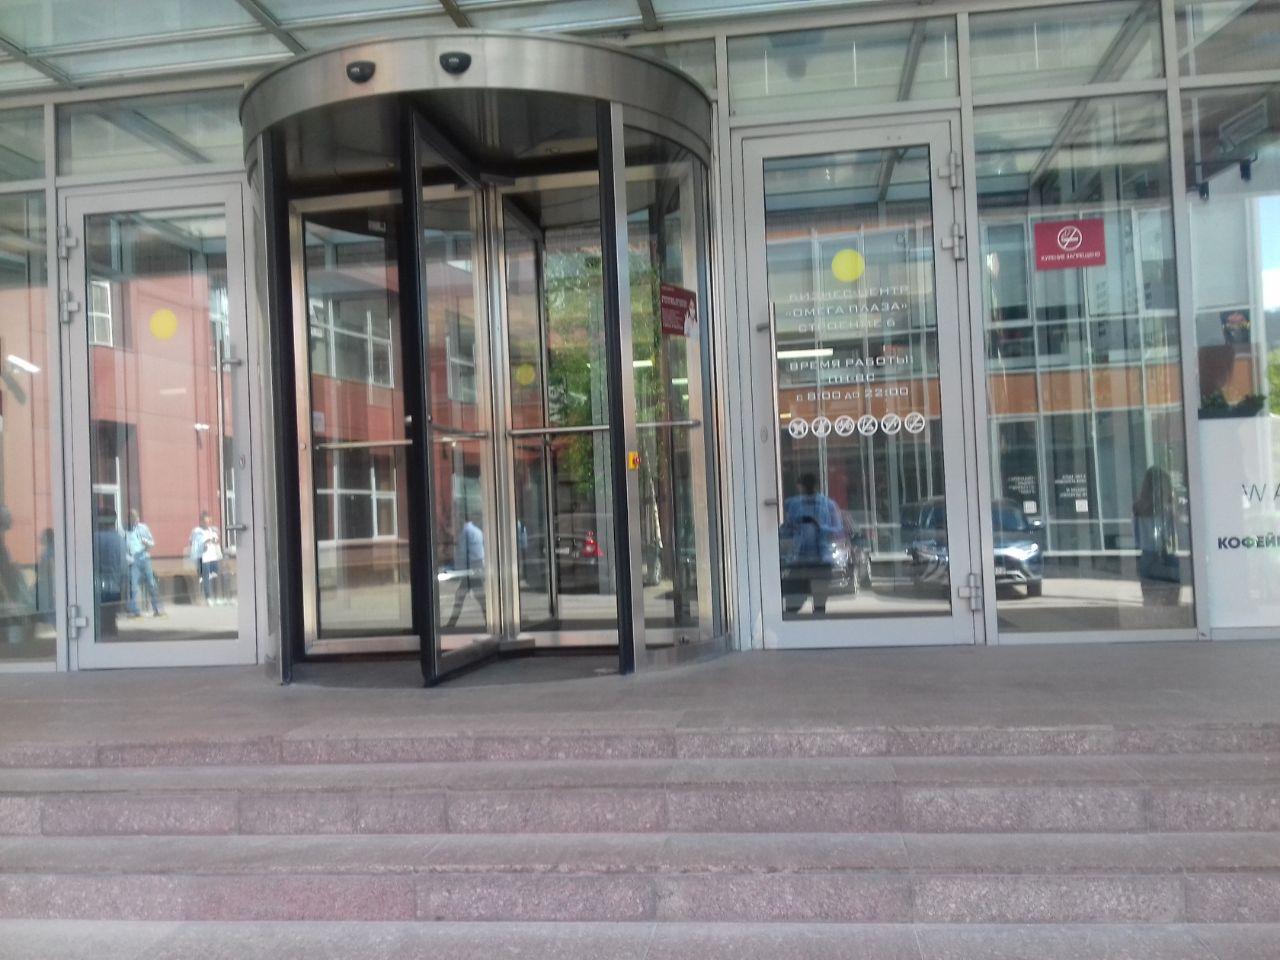 Бизнес Центр Омега Плаза (Omega Plaza) (19с6)